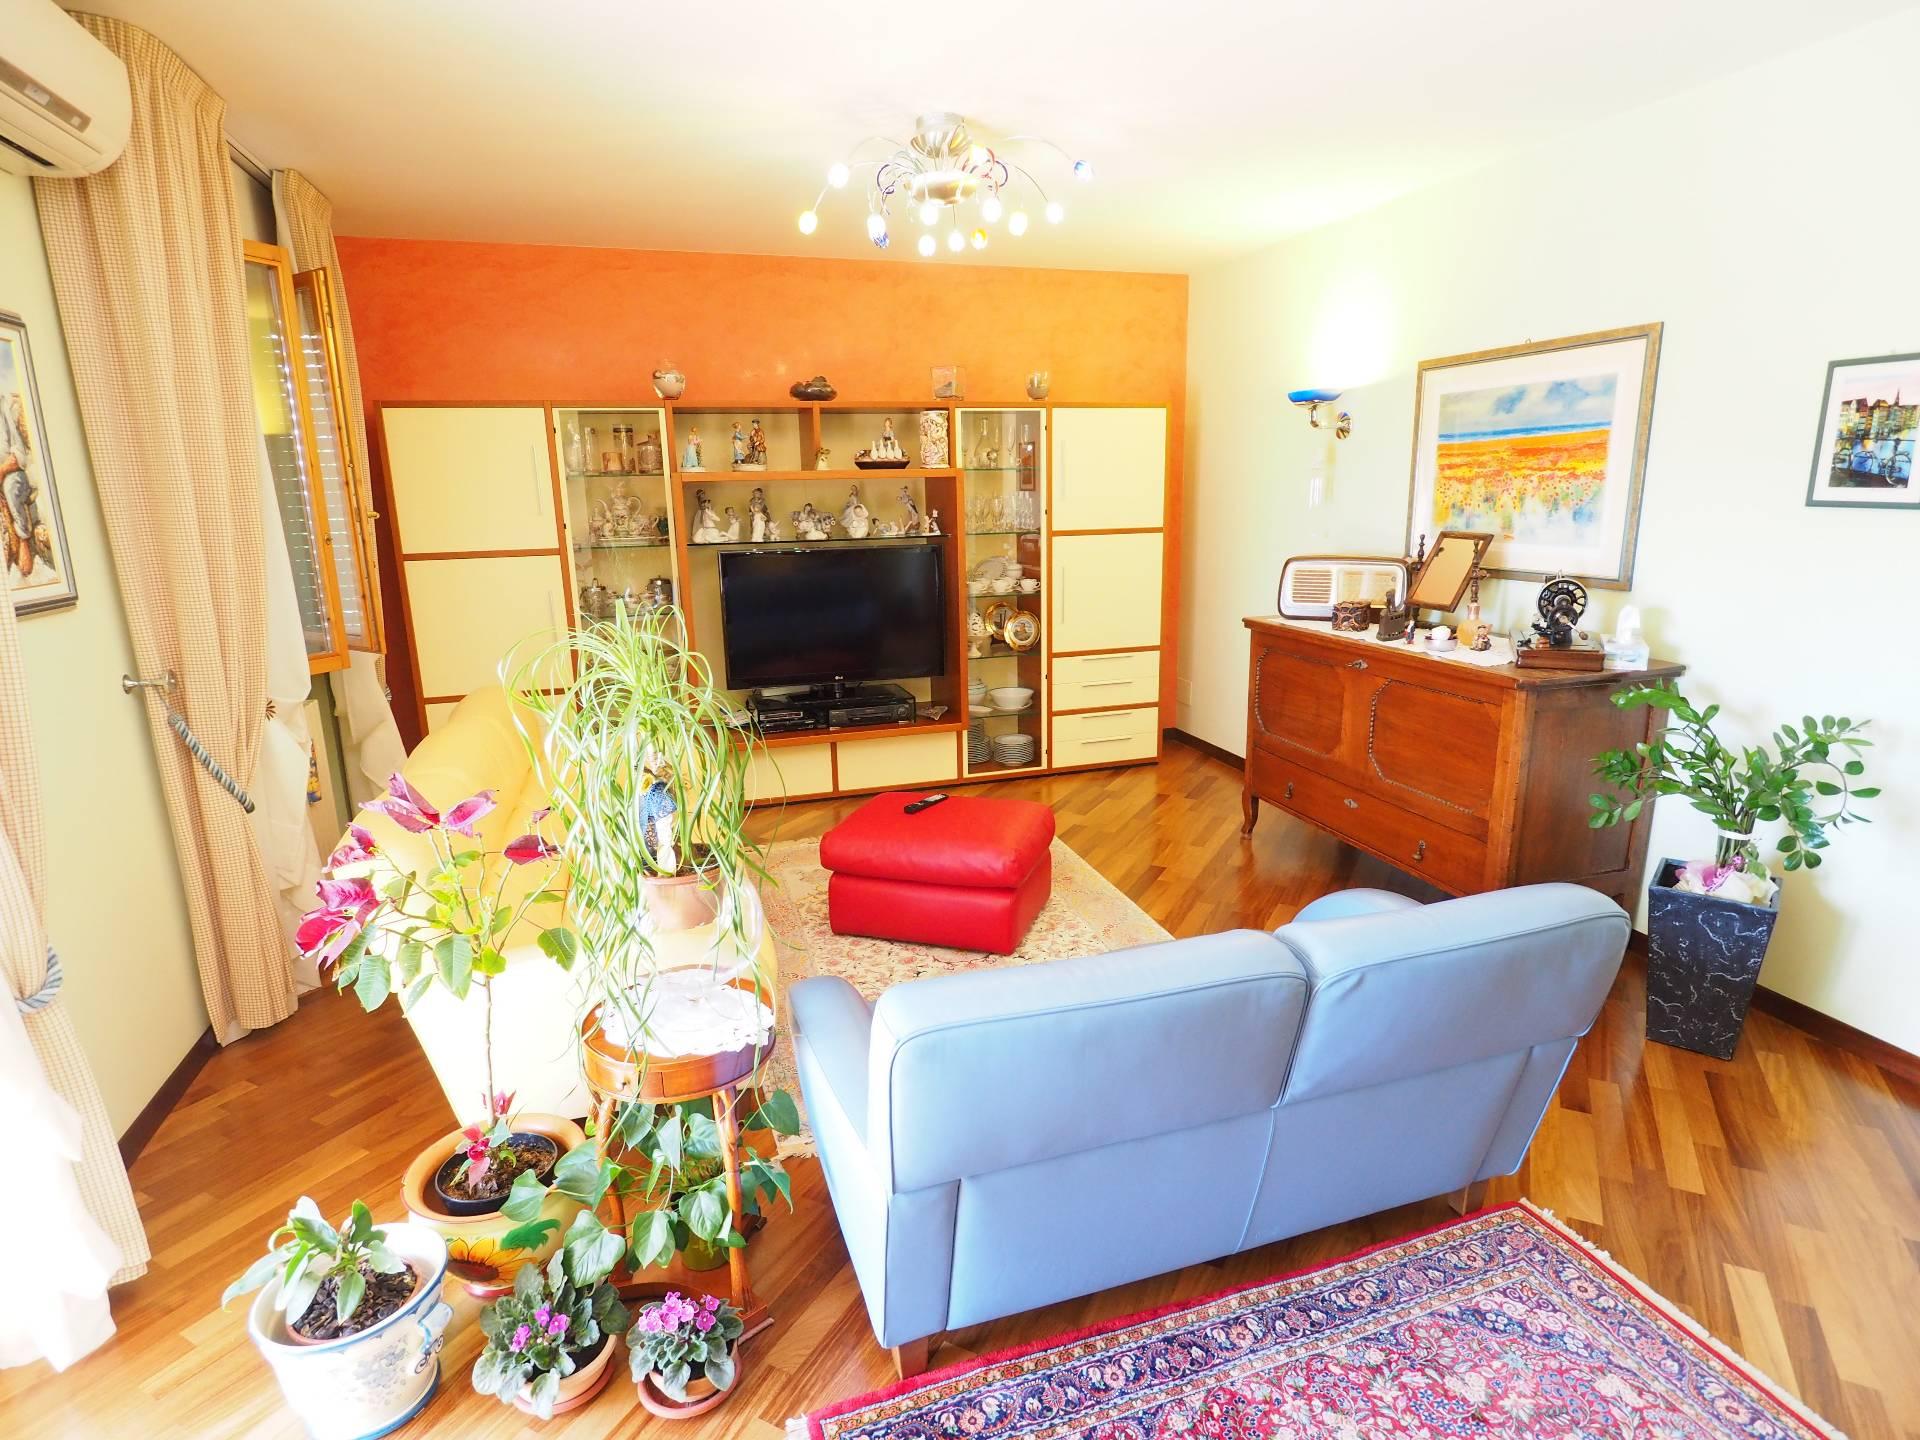 Annunci immobiliari agenzia spazio casa di massimo saltari - Agenzia immobiliare spazio casa ...